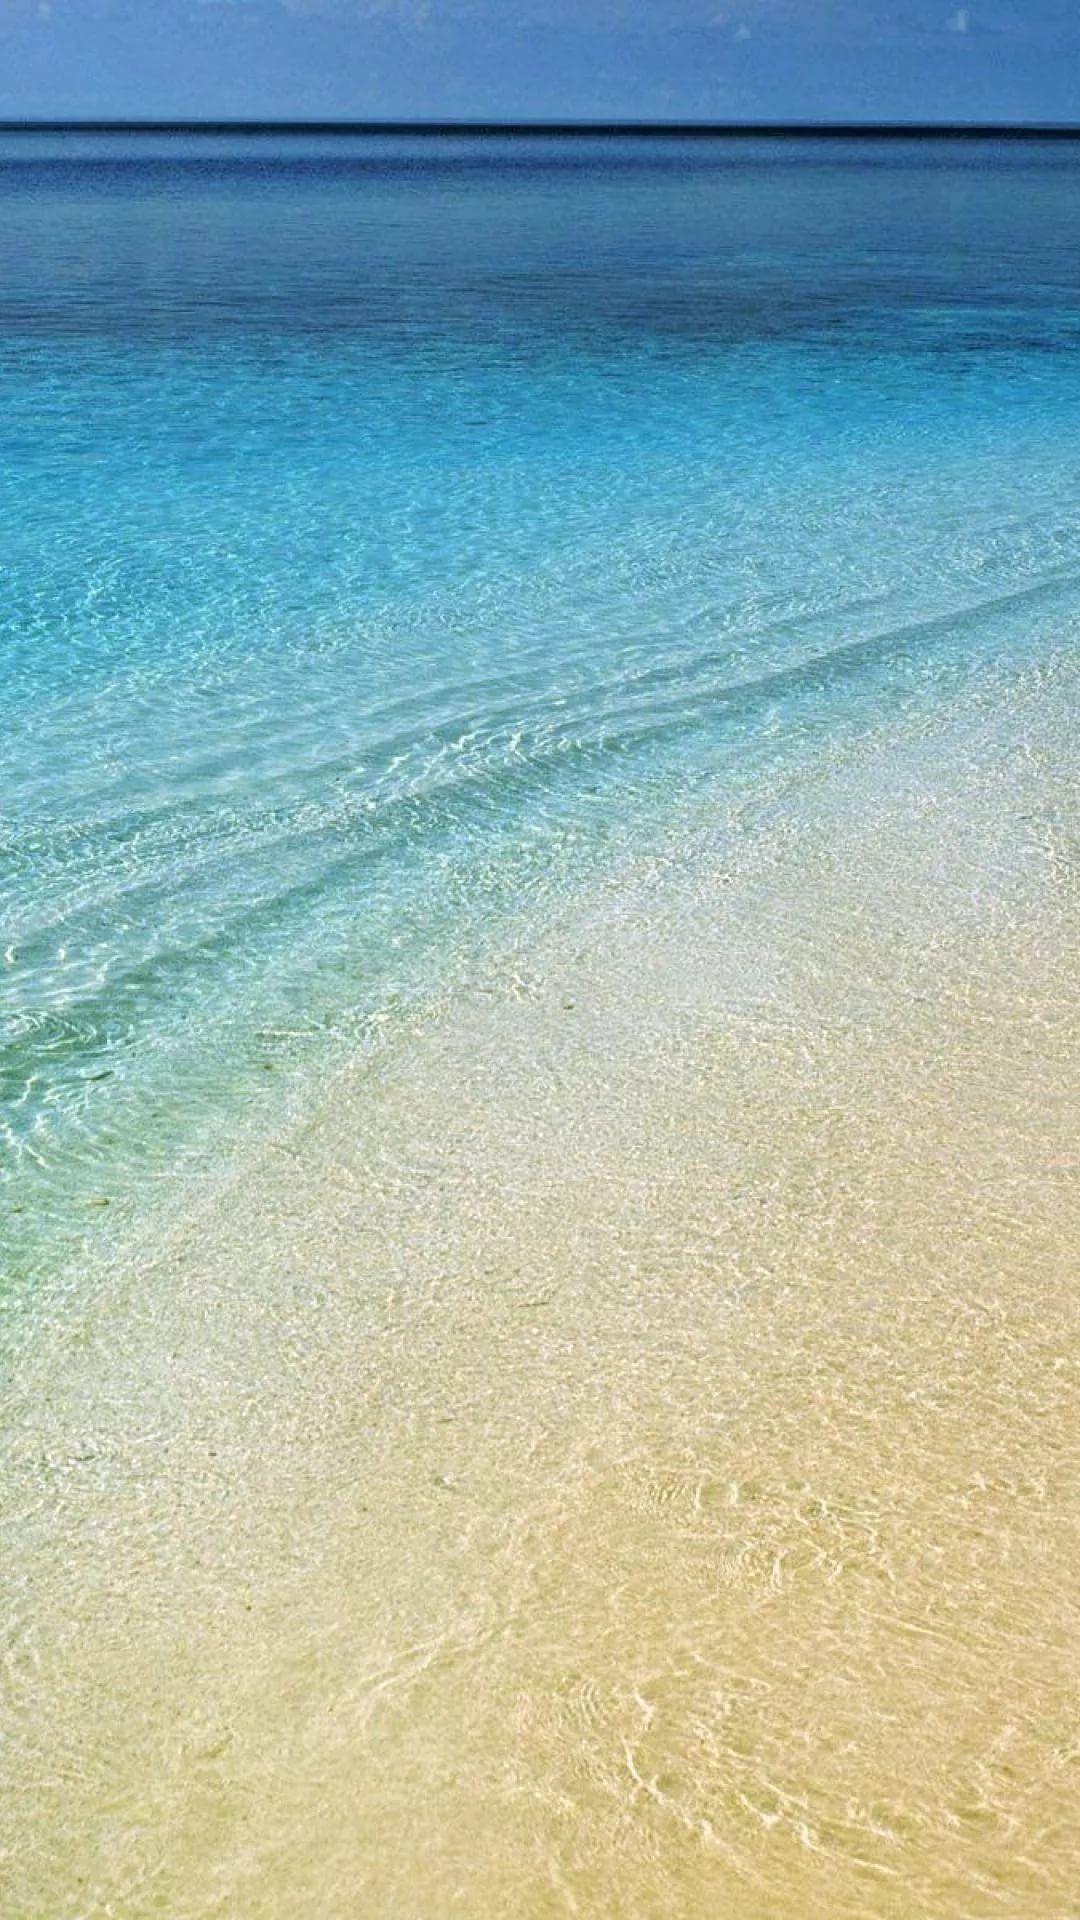 Beach iPhone 6 wallpaper